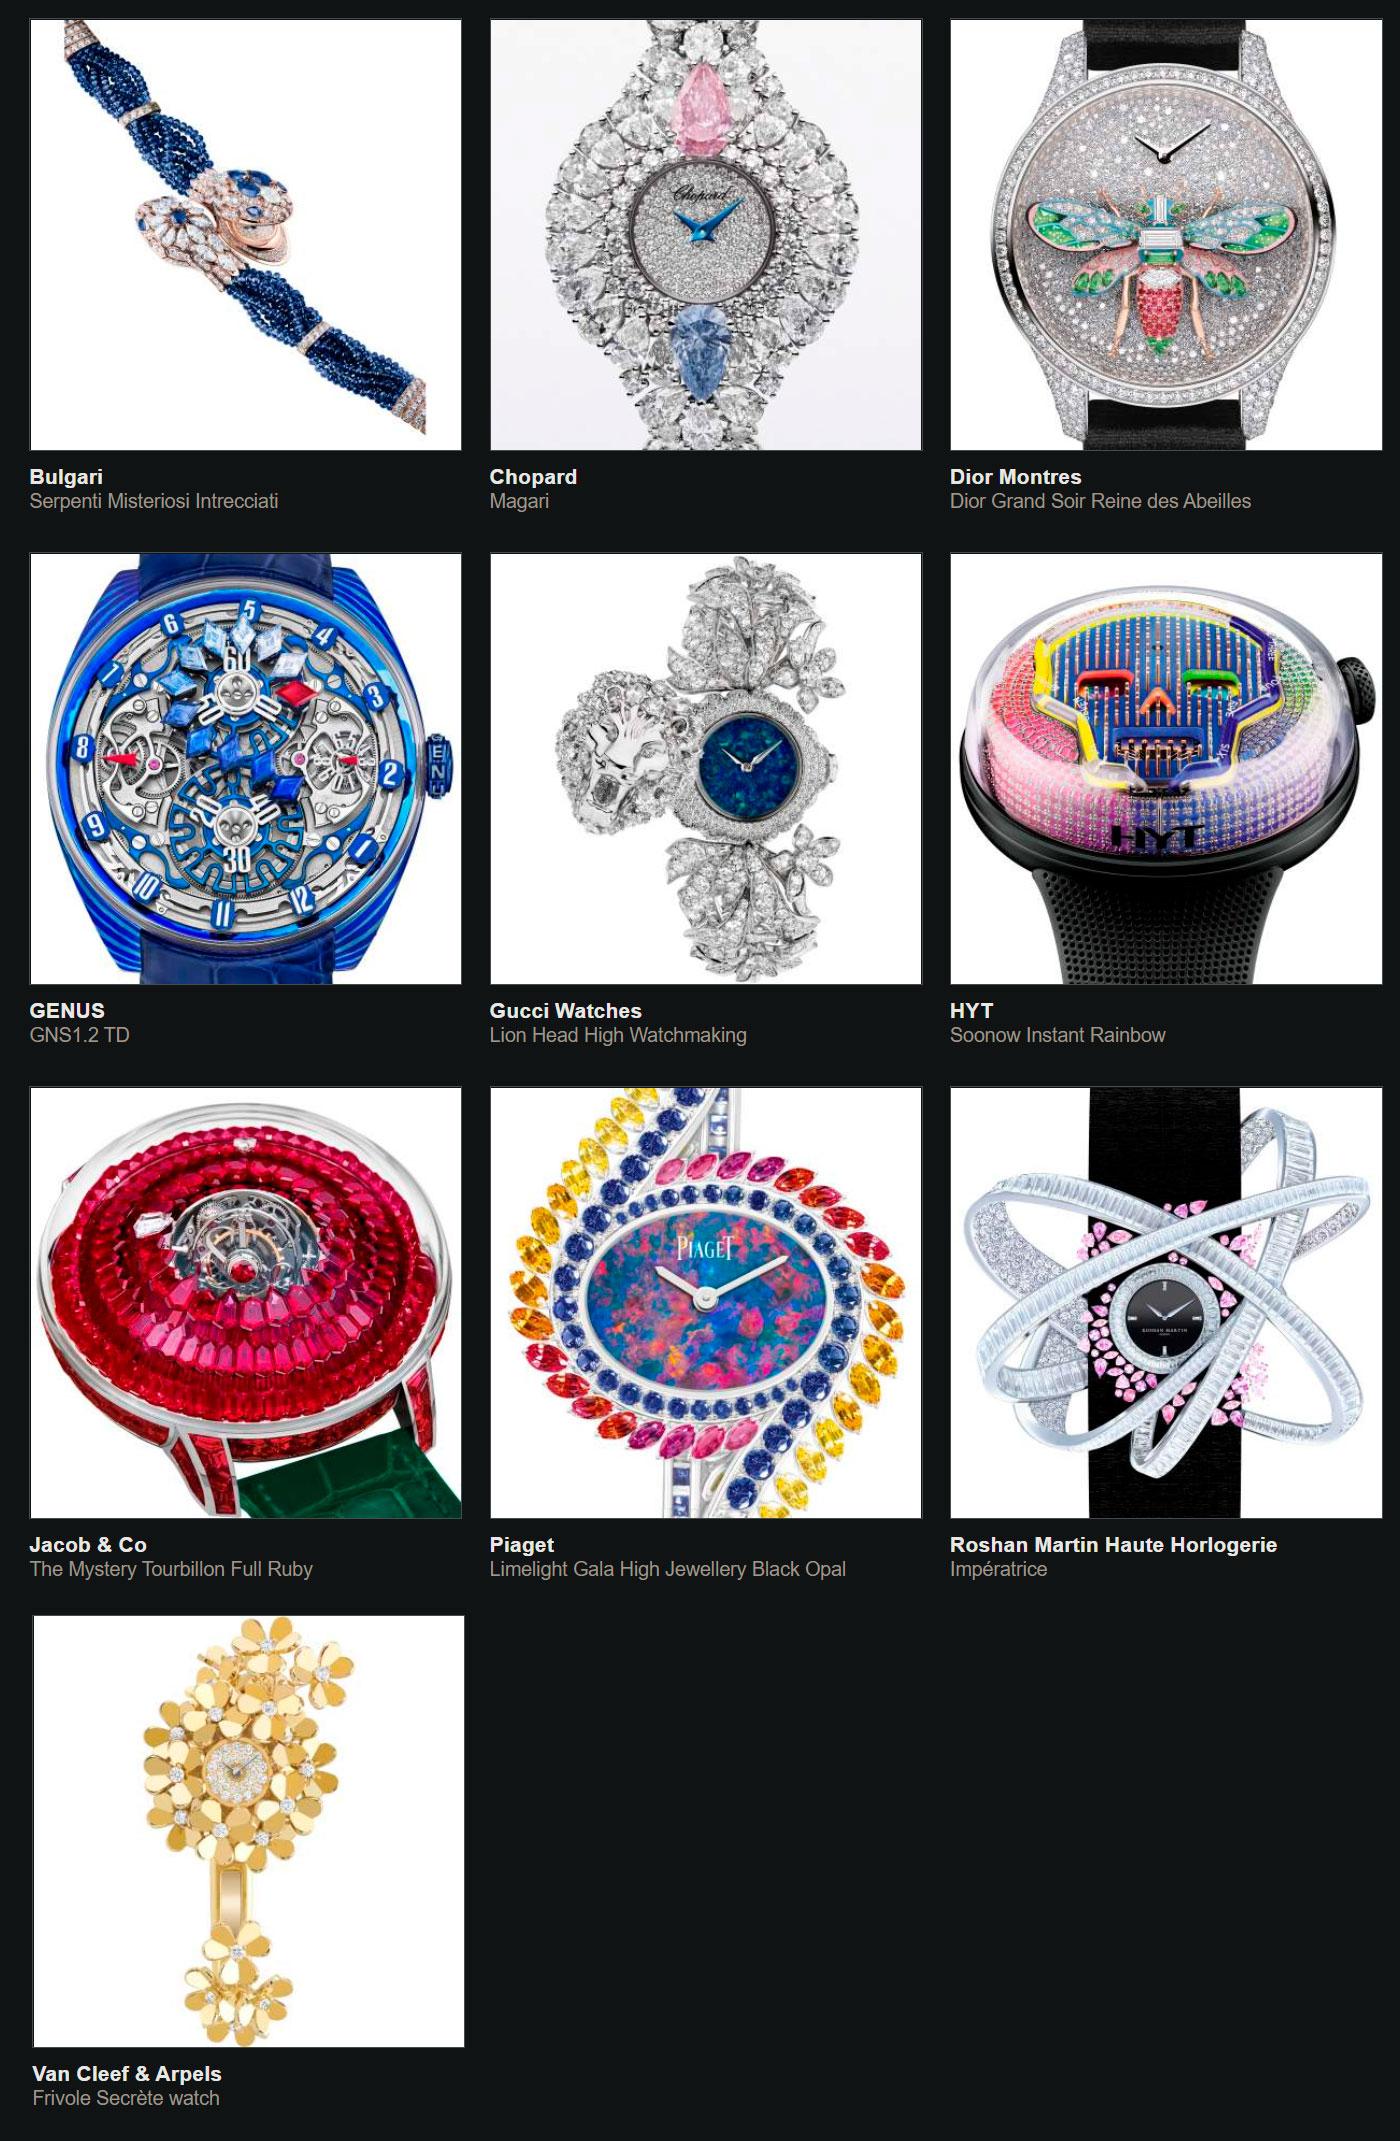 Relojes preseleccionados para el Gran Premio de Relojería de Ginebra 2020 Reloj Joya